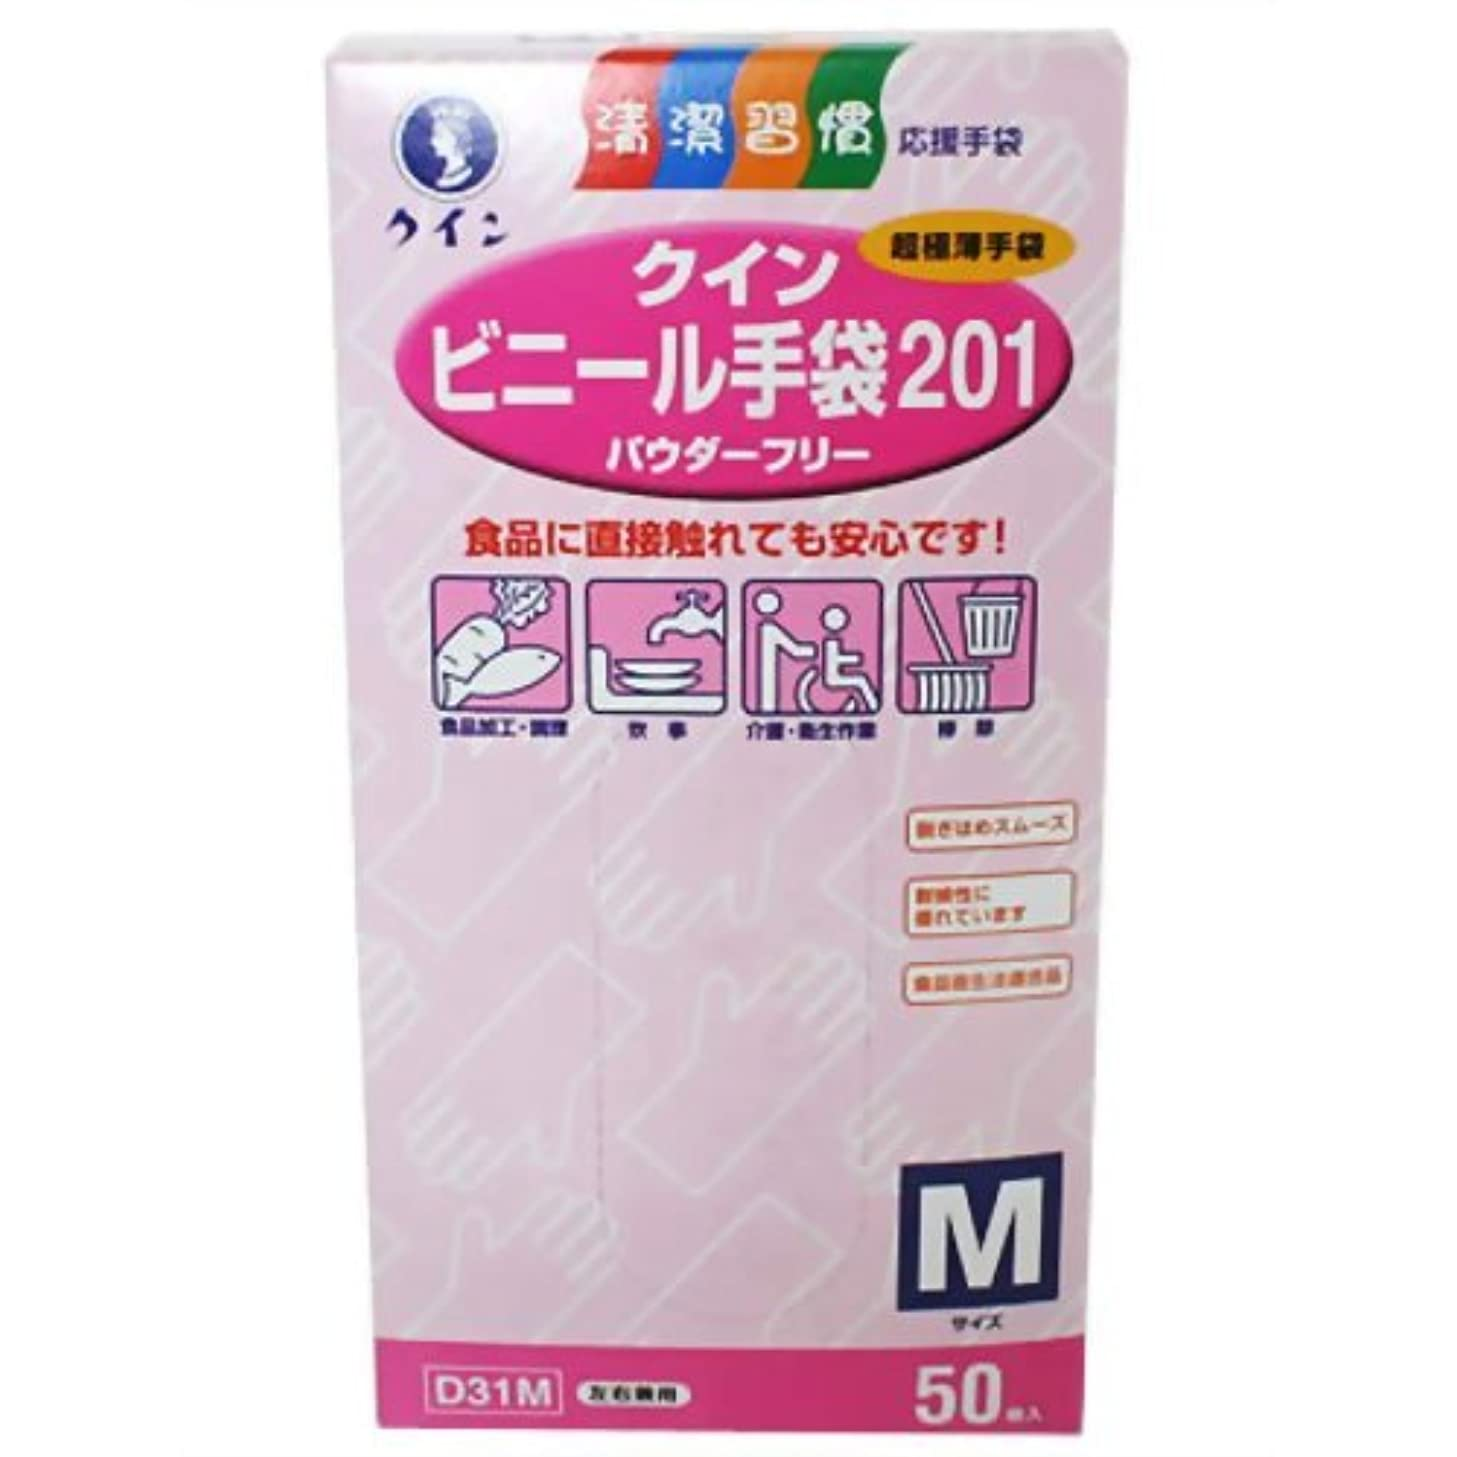 風トン傾くクイン キッチンビニール手袋50P P.F M NEW 宇都宮製作 【商品CD】UT6969